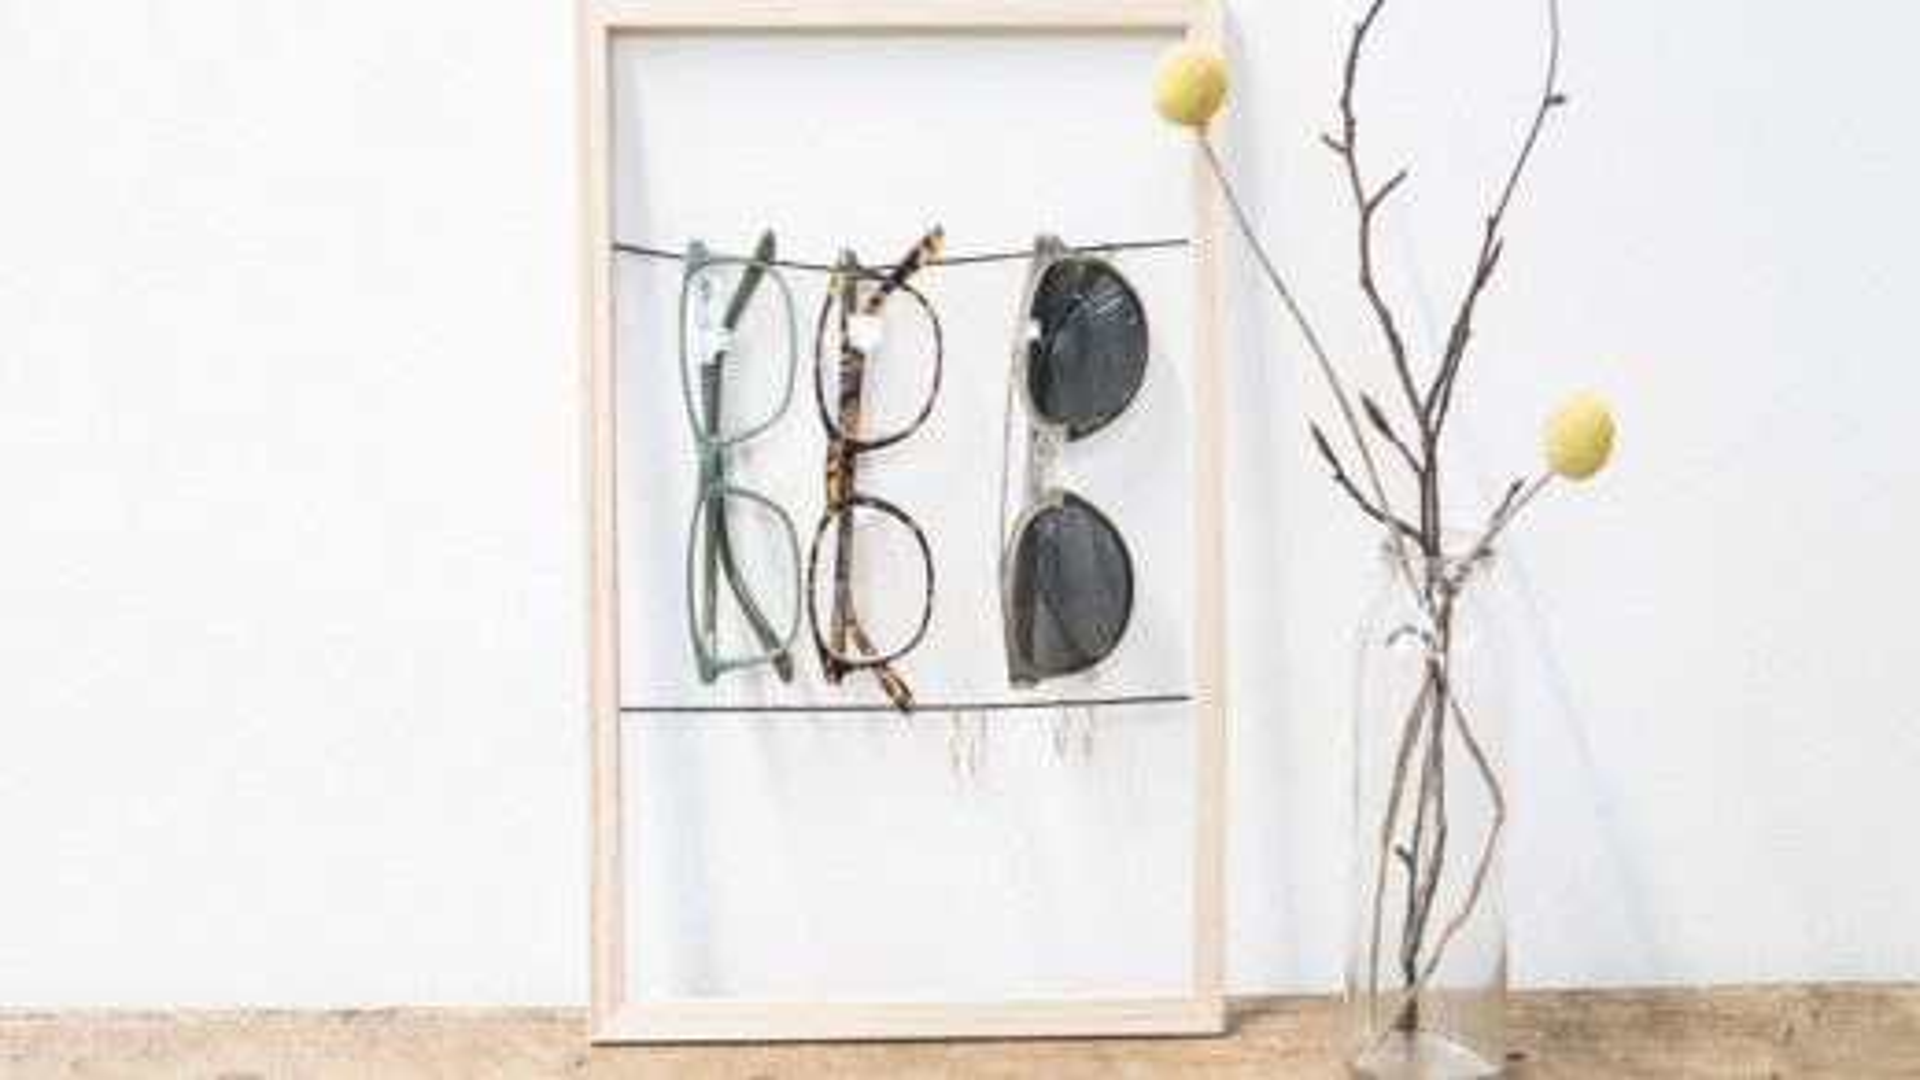 آموزش ساخت جا عینکی با استفاده از کاموا | فیلم